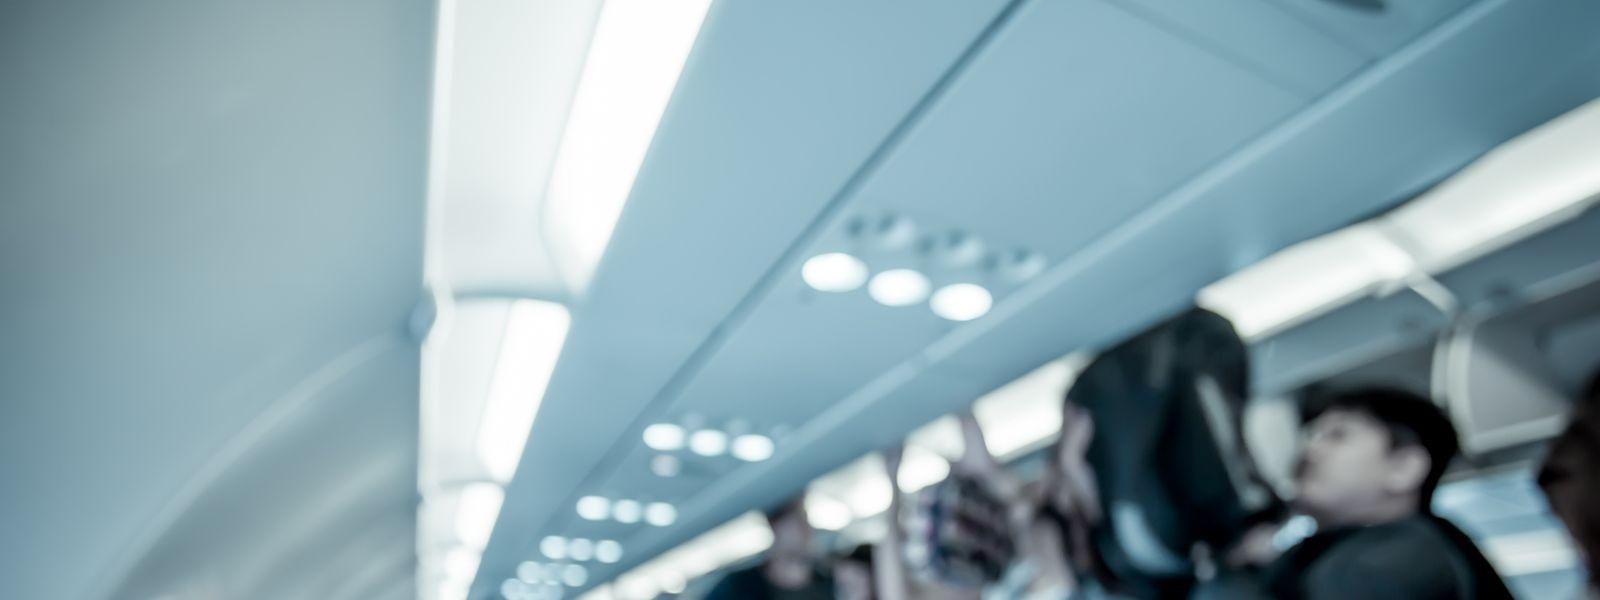 Wenn Einzelpersonen abgeschoben werden, greift das Ministerium in der Regel auf kommerzielle Flüge zurück.